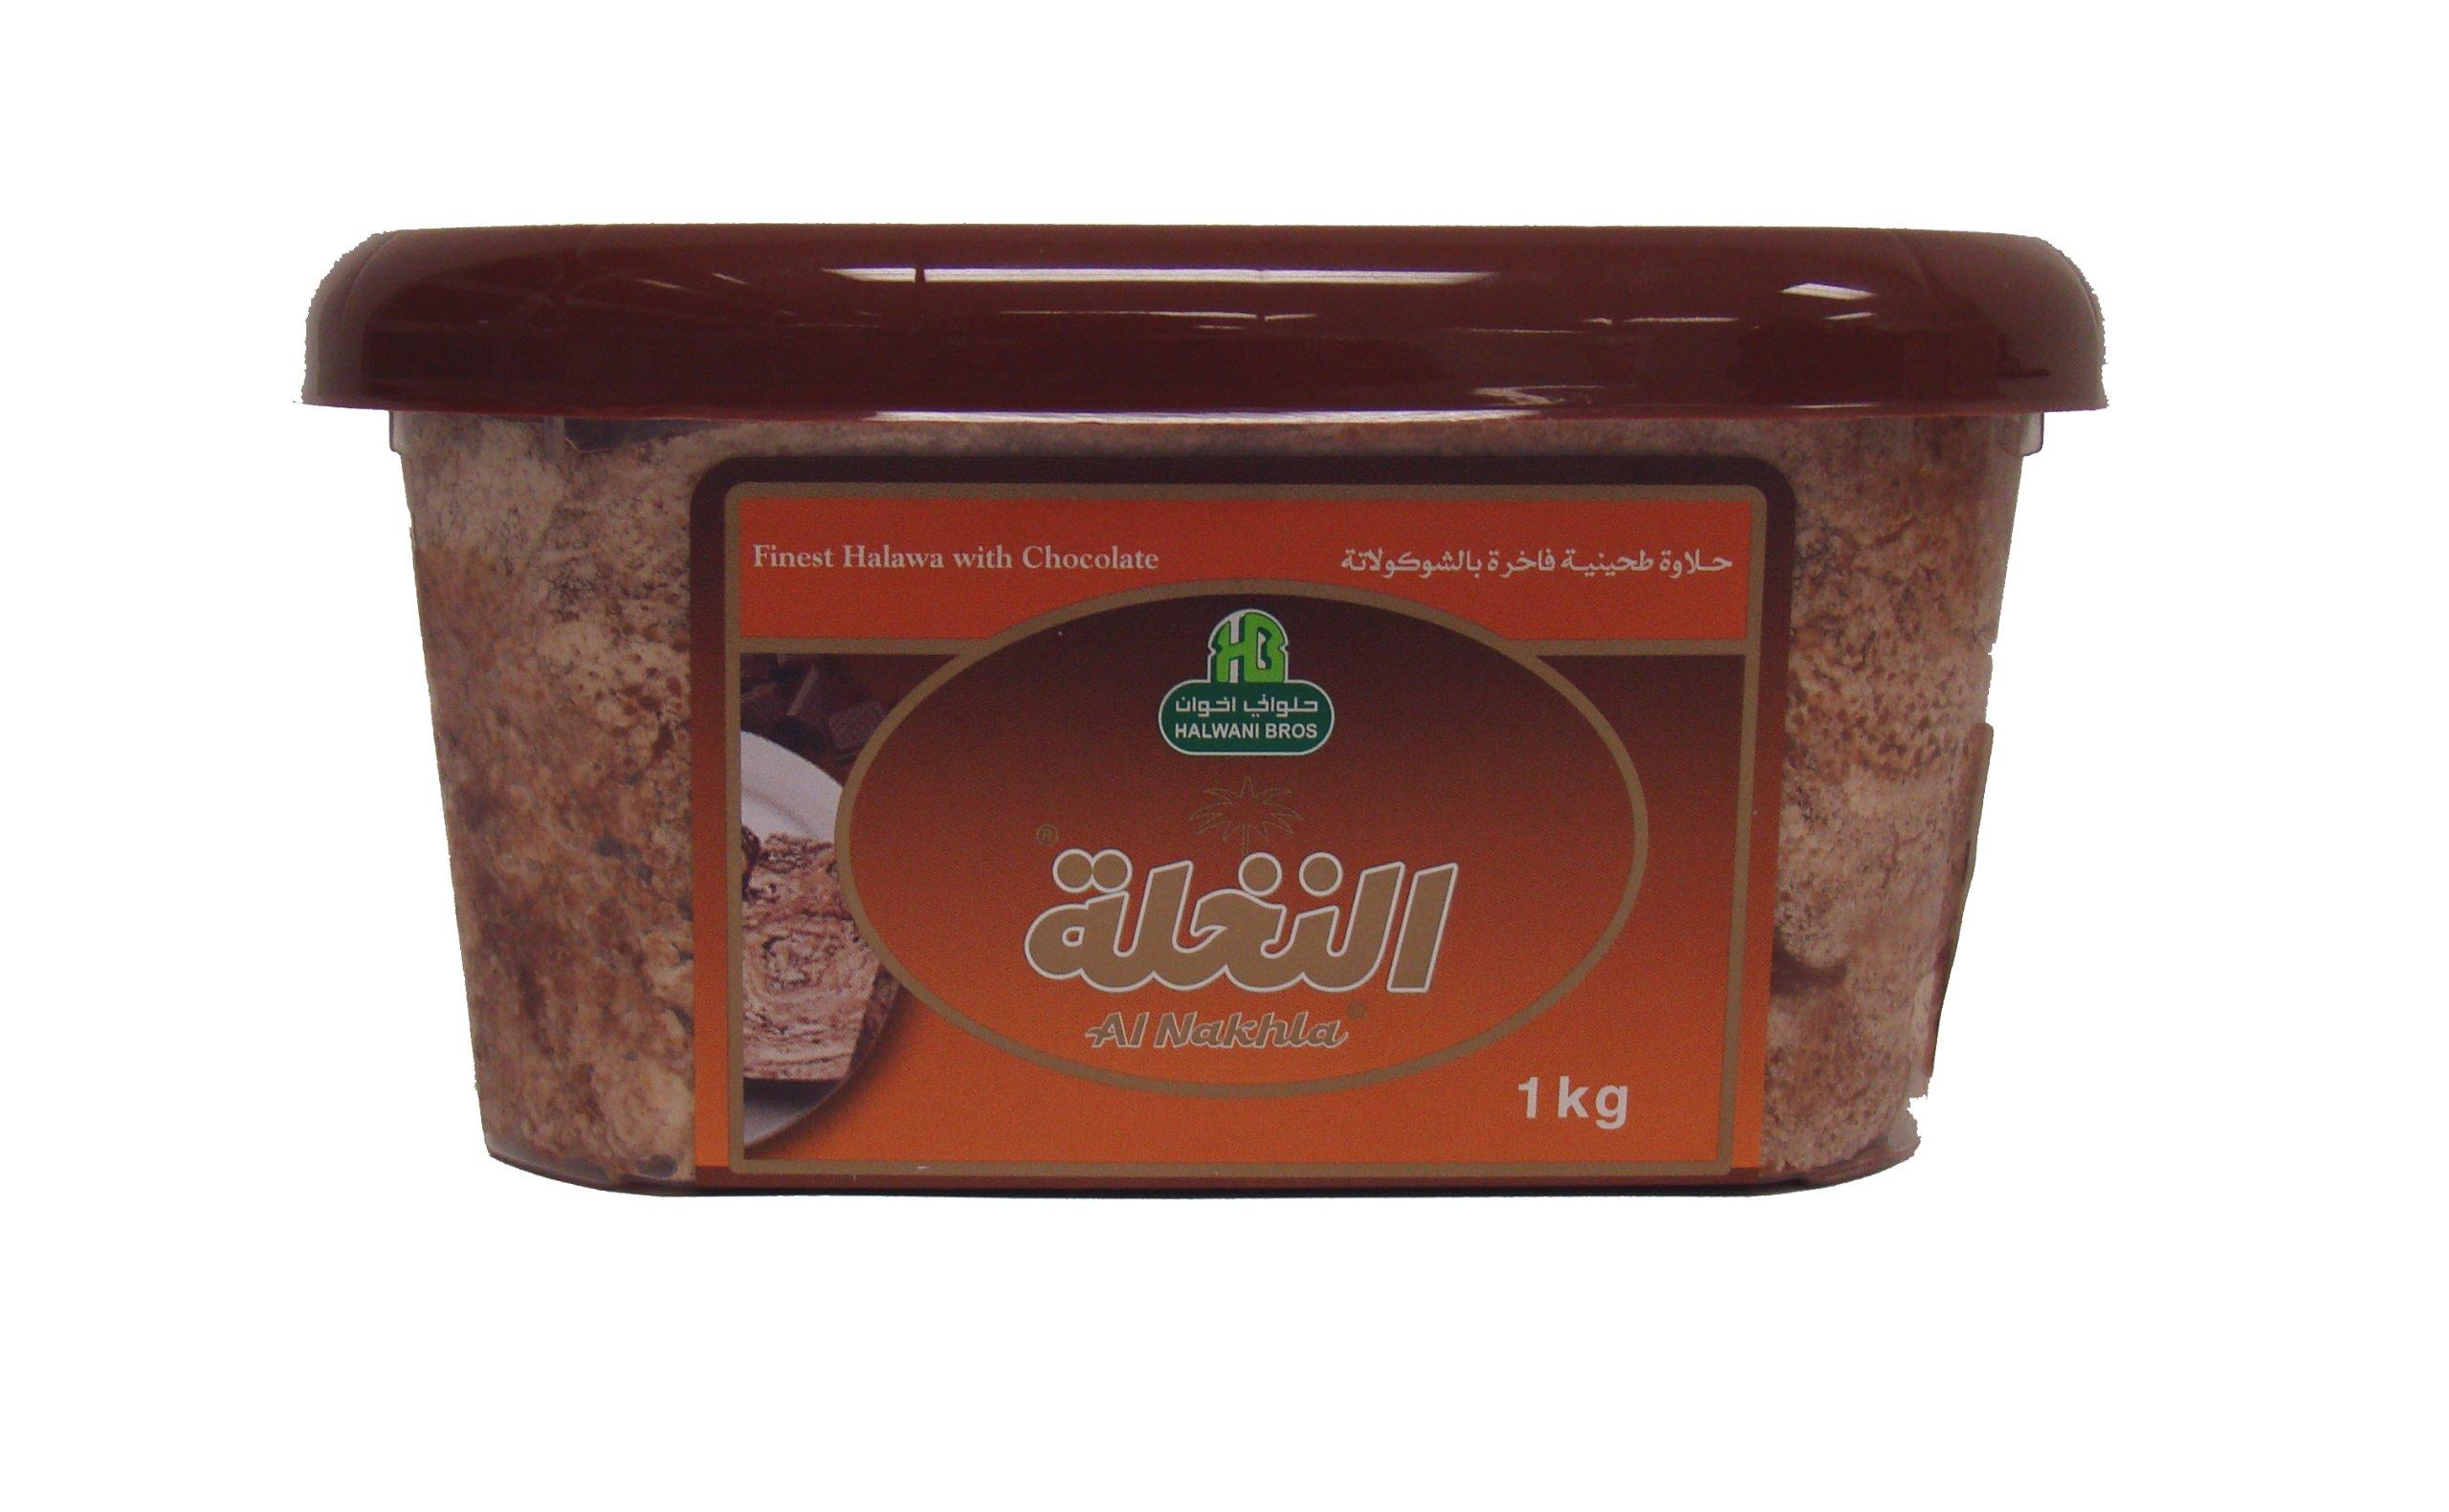 Halwani Al Nakhla Halawa With Chocolate - 1kg